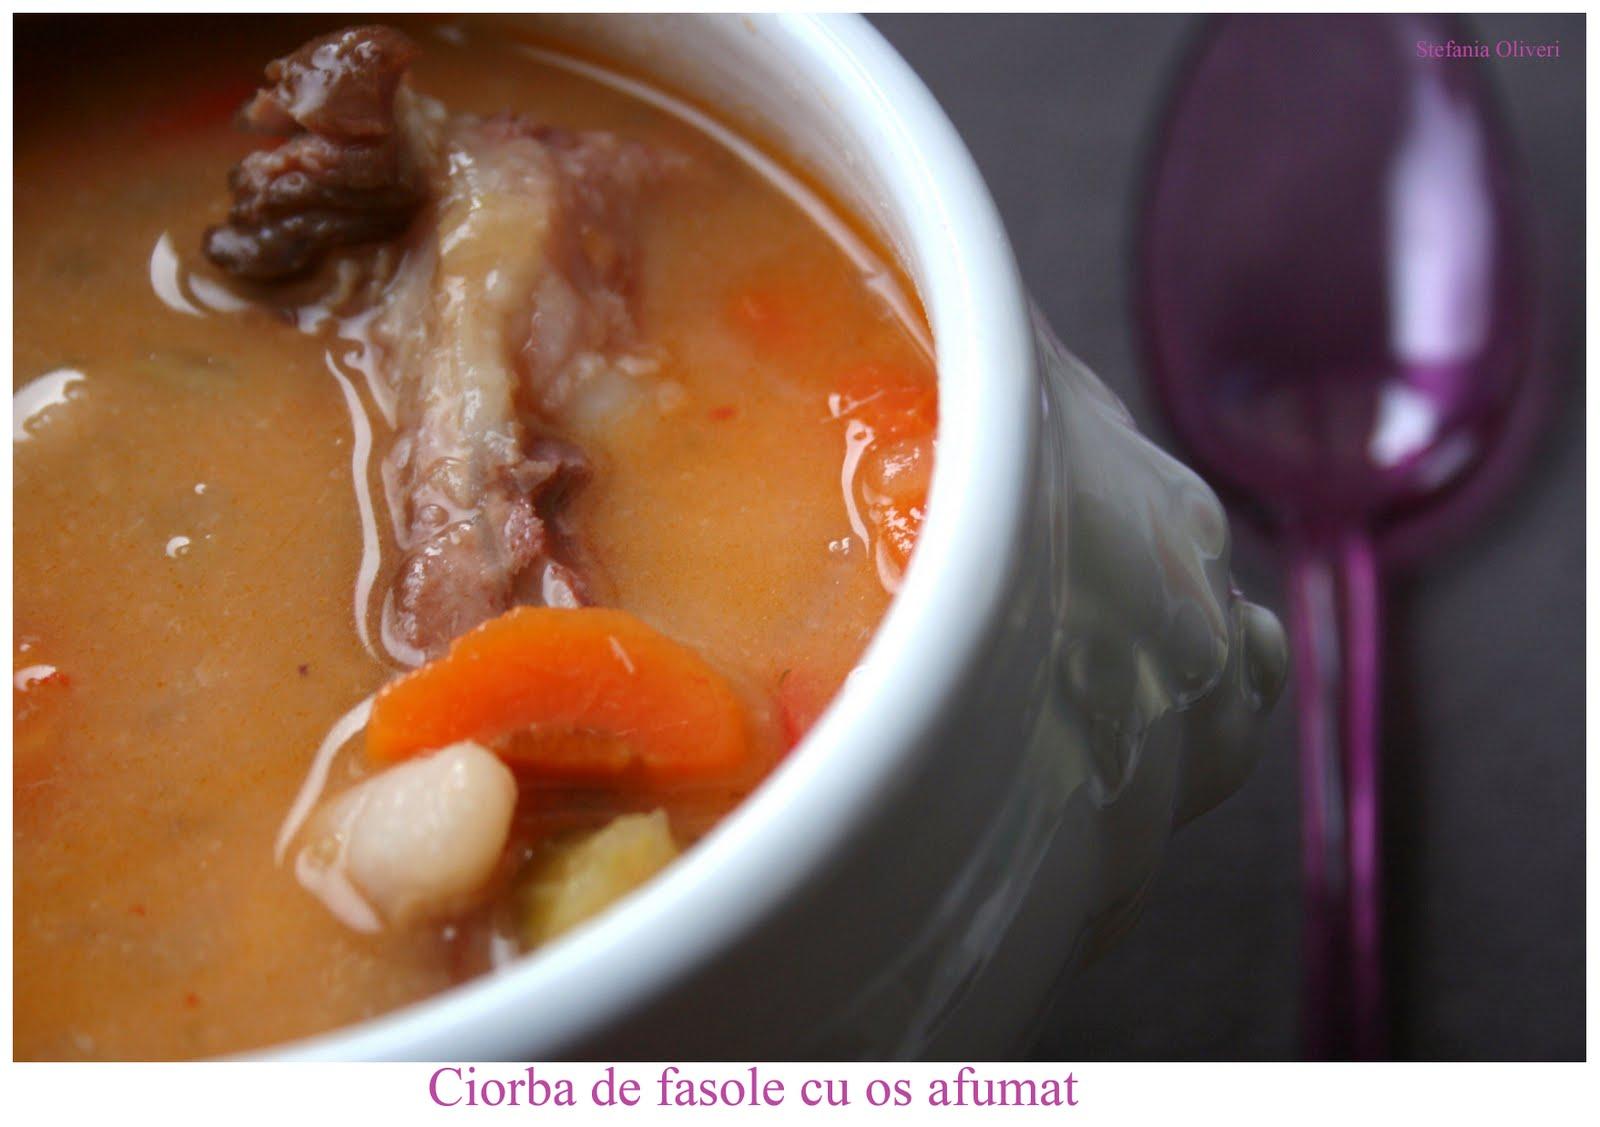 Zuppa di fagioli con carne affumicata rumena - Cardamomo & co